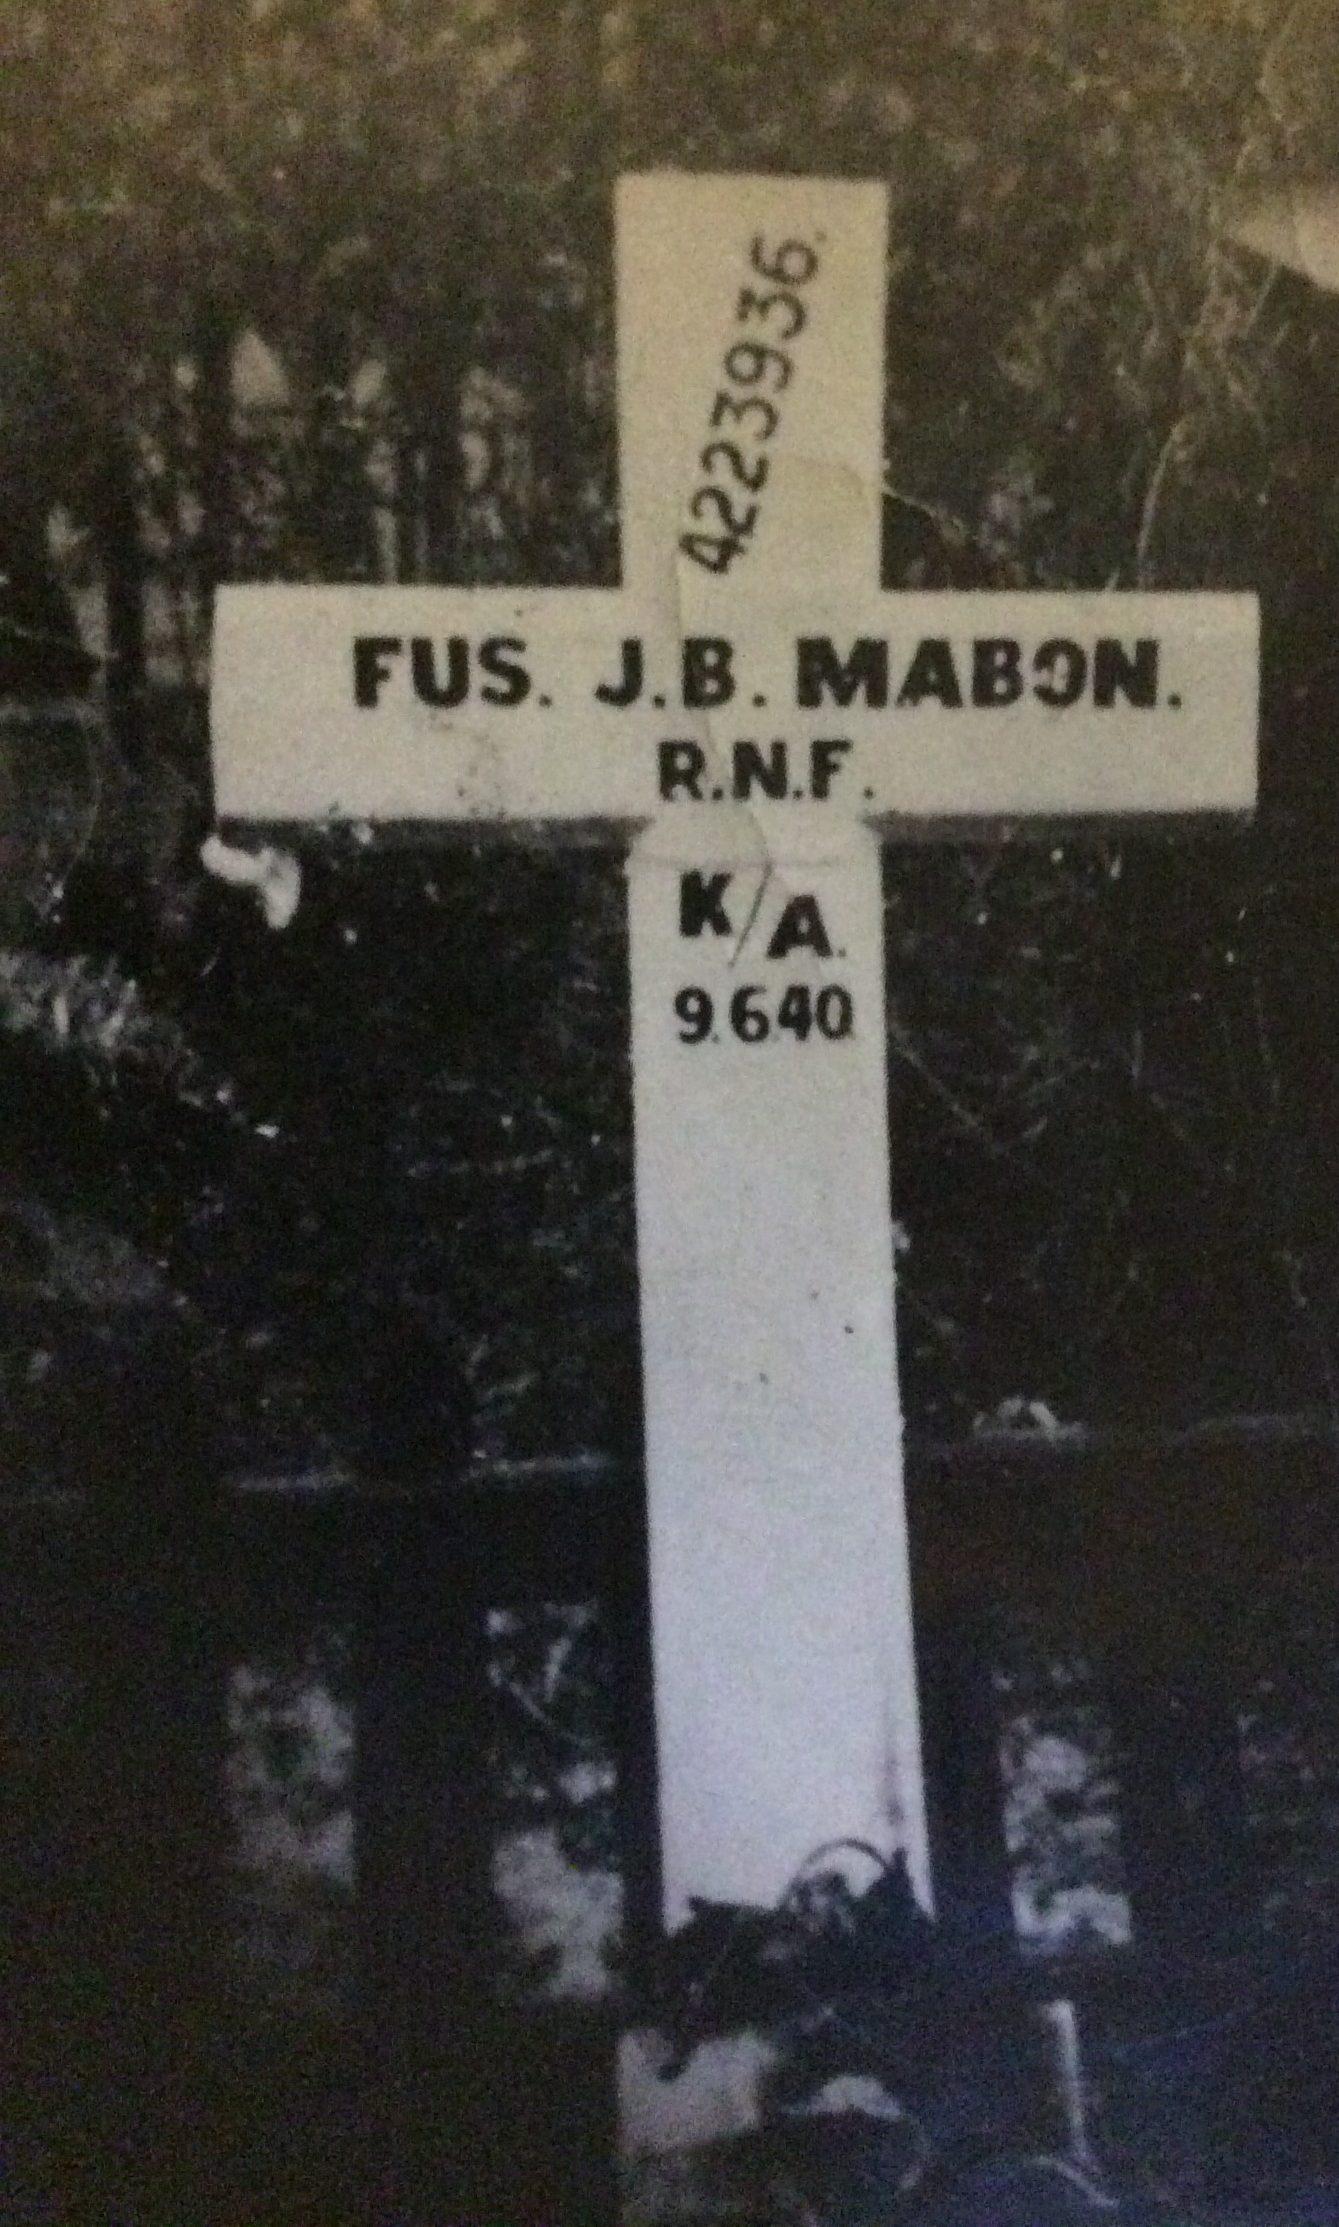 jbmabon